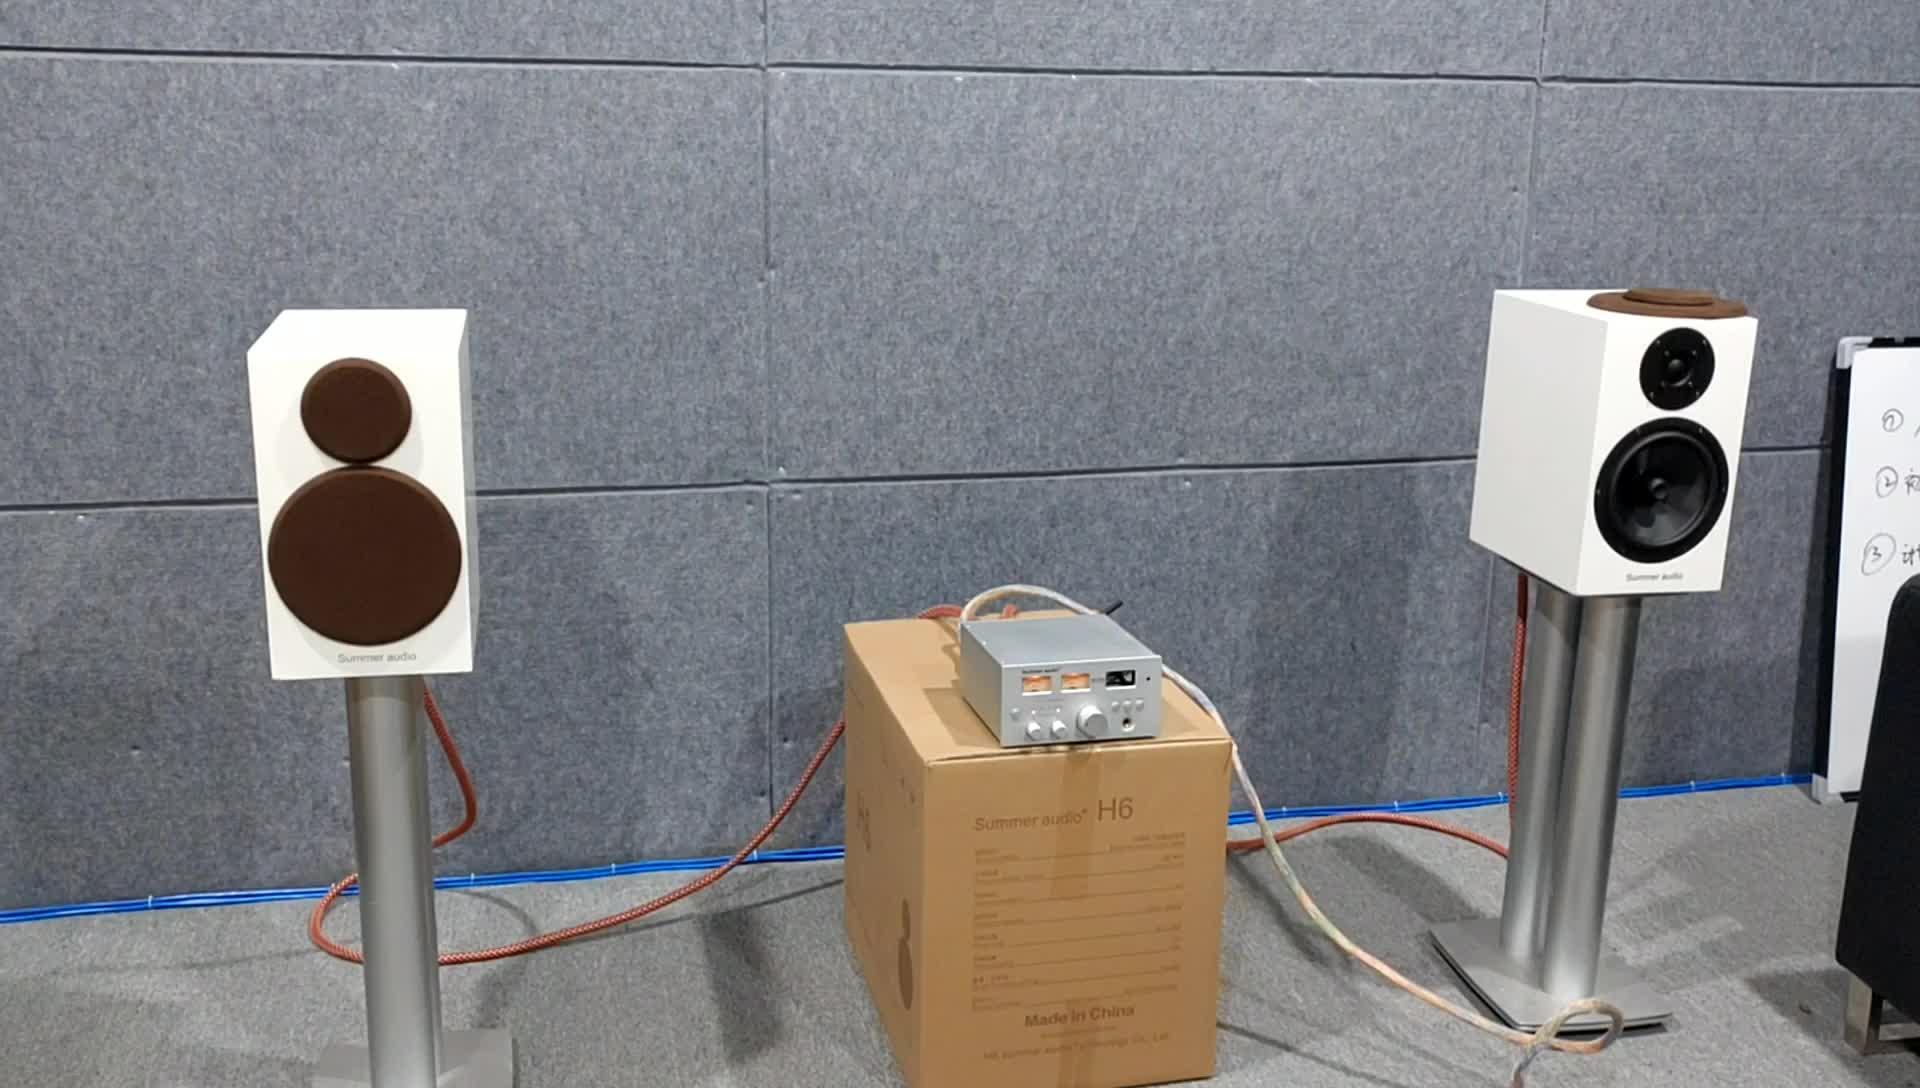 Mùa Hè Thanh Âm Thanh Bluetooth 5.0 2X150 W Hi Fi Stereo Âm Thanh Power Class D Khuếch Đại Âm Thanh Cho Rạp Hát Tại Nhà